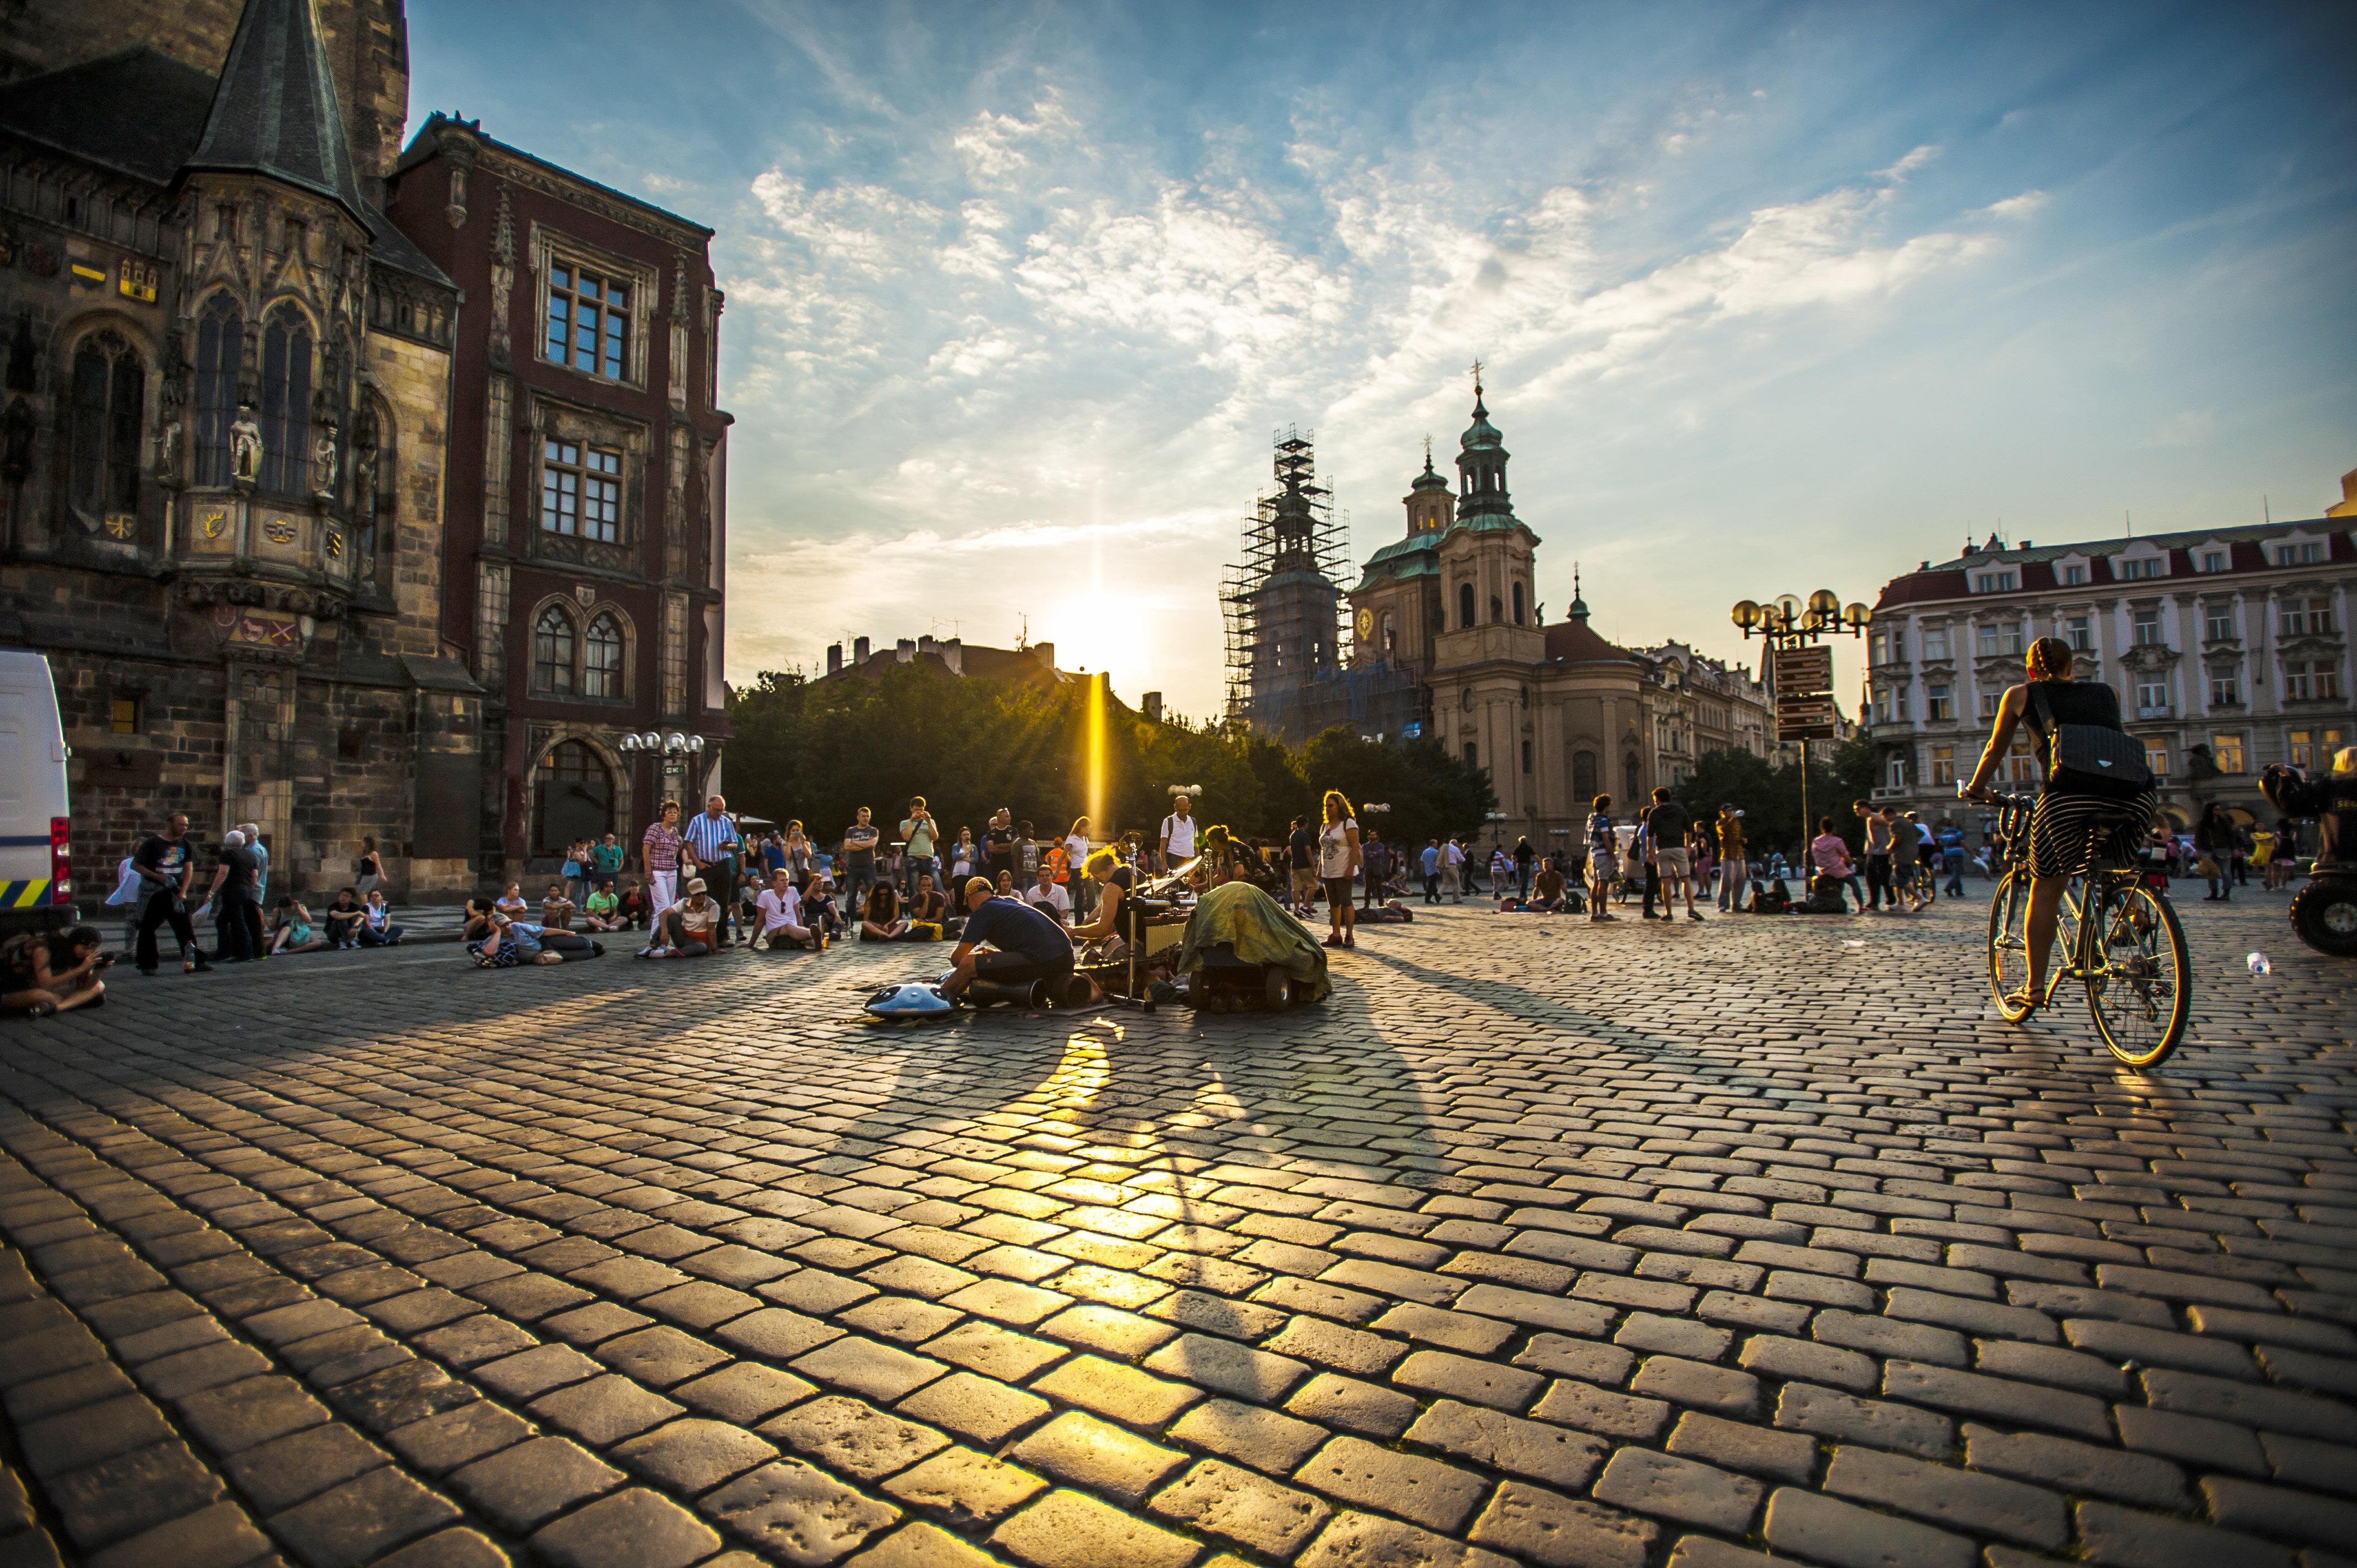 布拉格城堡+圣维特大教堂+旧皇宫+查理大桥+布拉格天文钟+布拉格老城